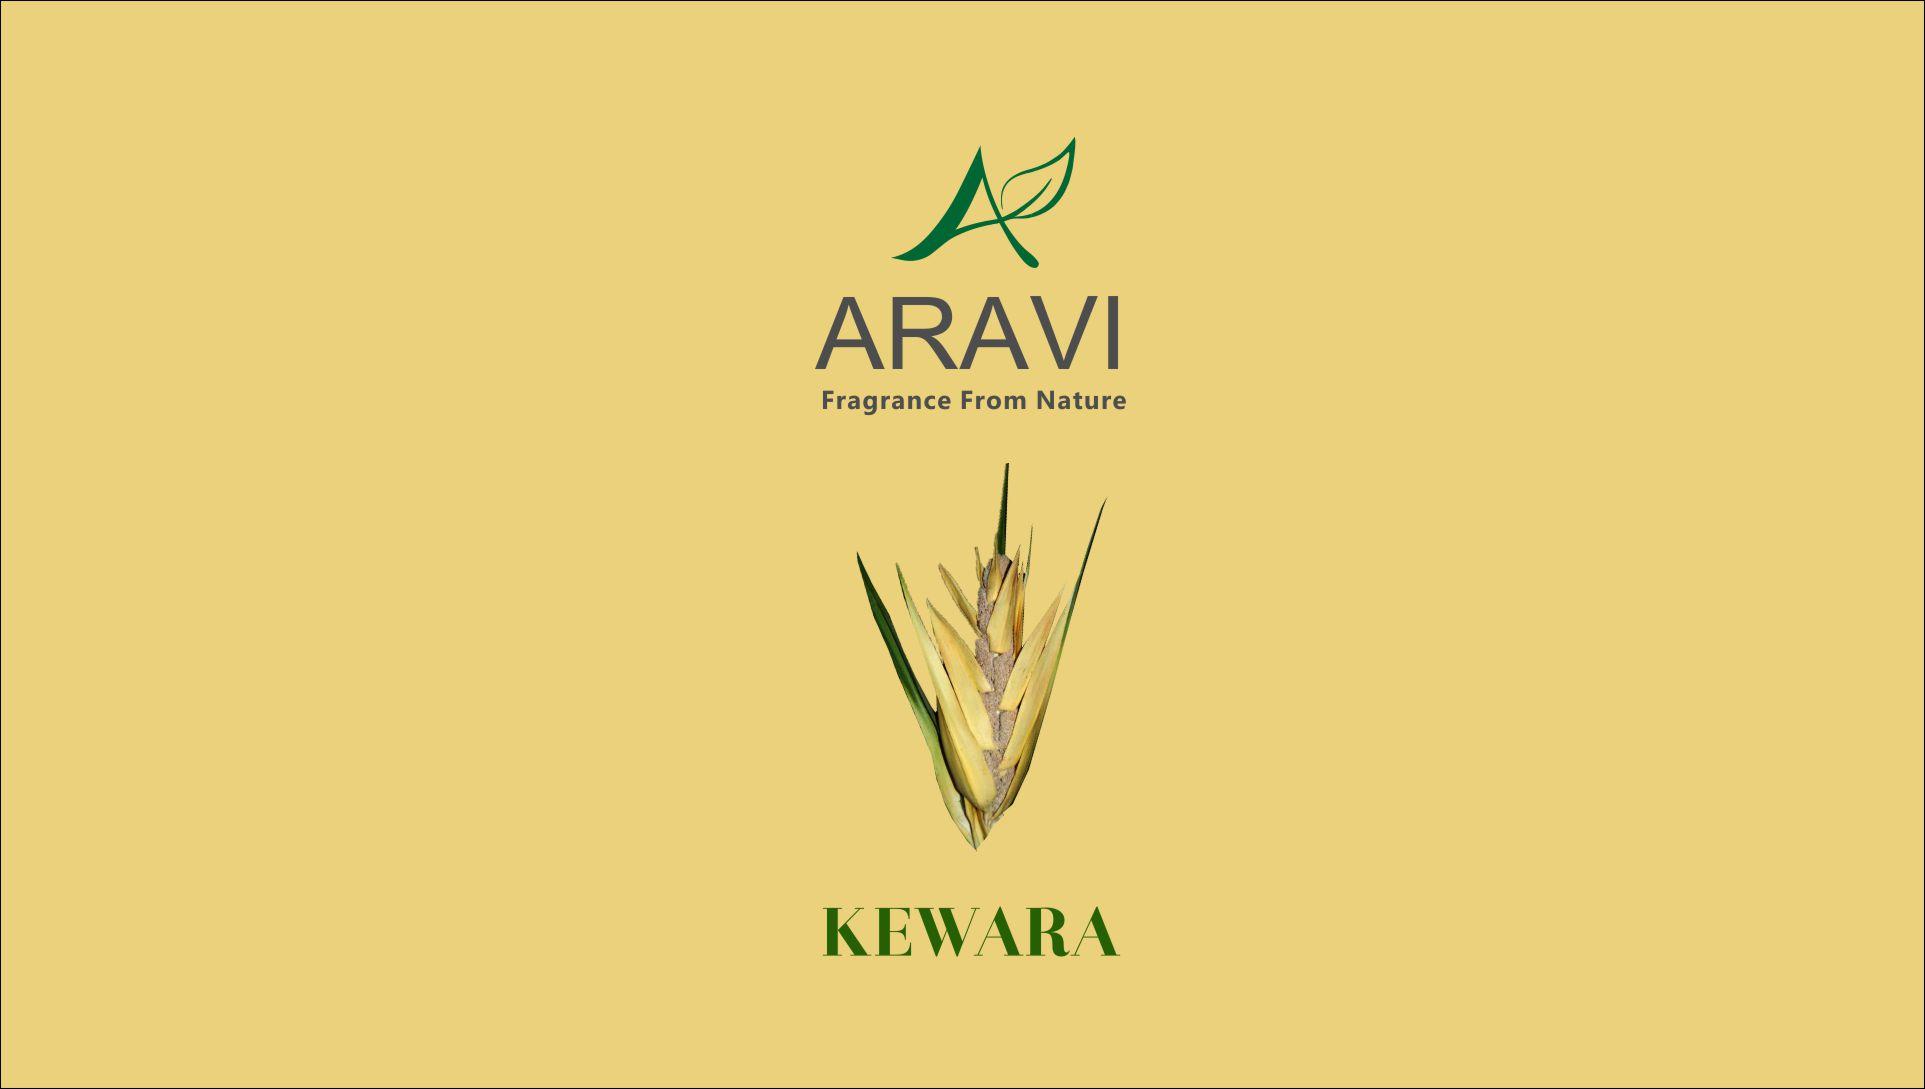 Kewara